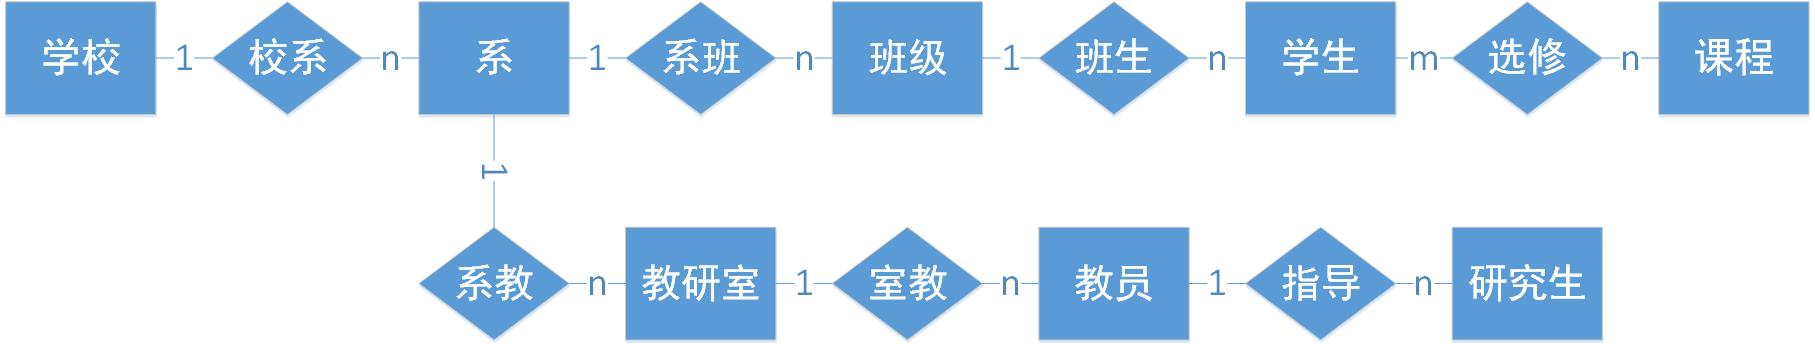 如何选择数据库性能工具矢量图